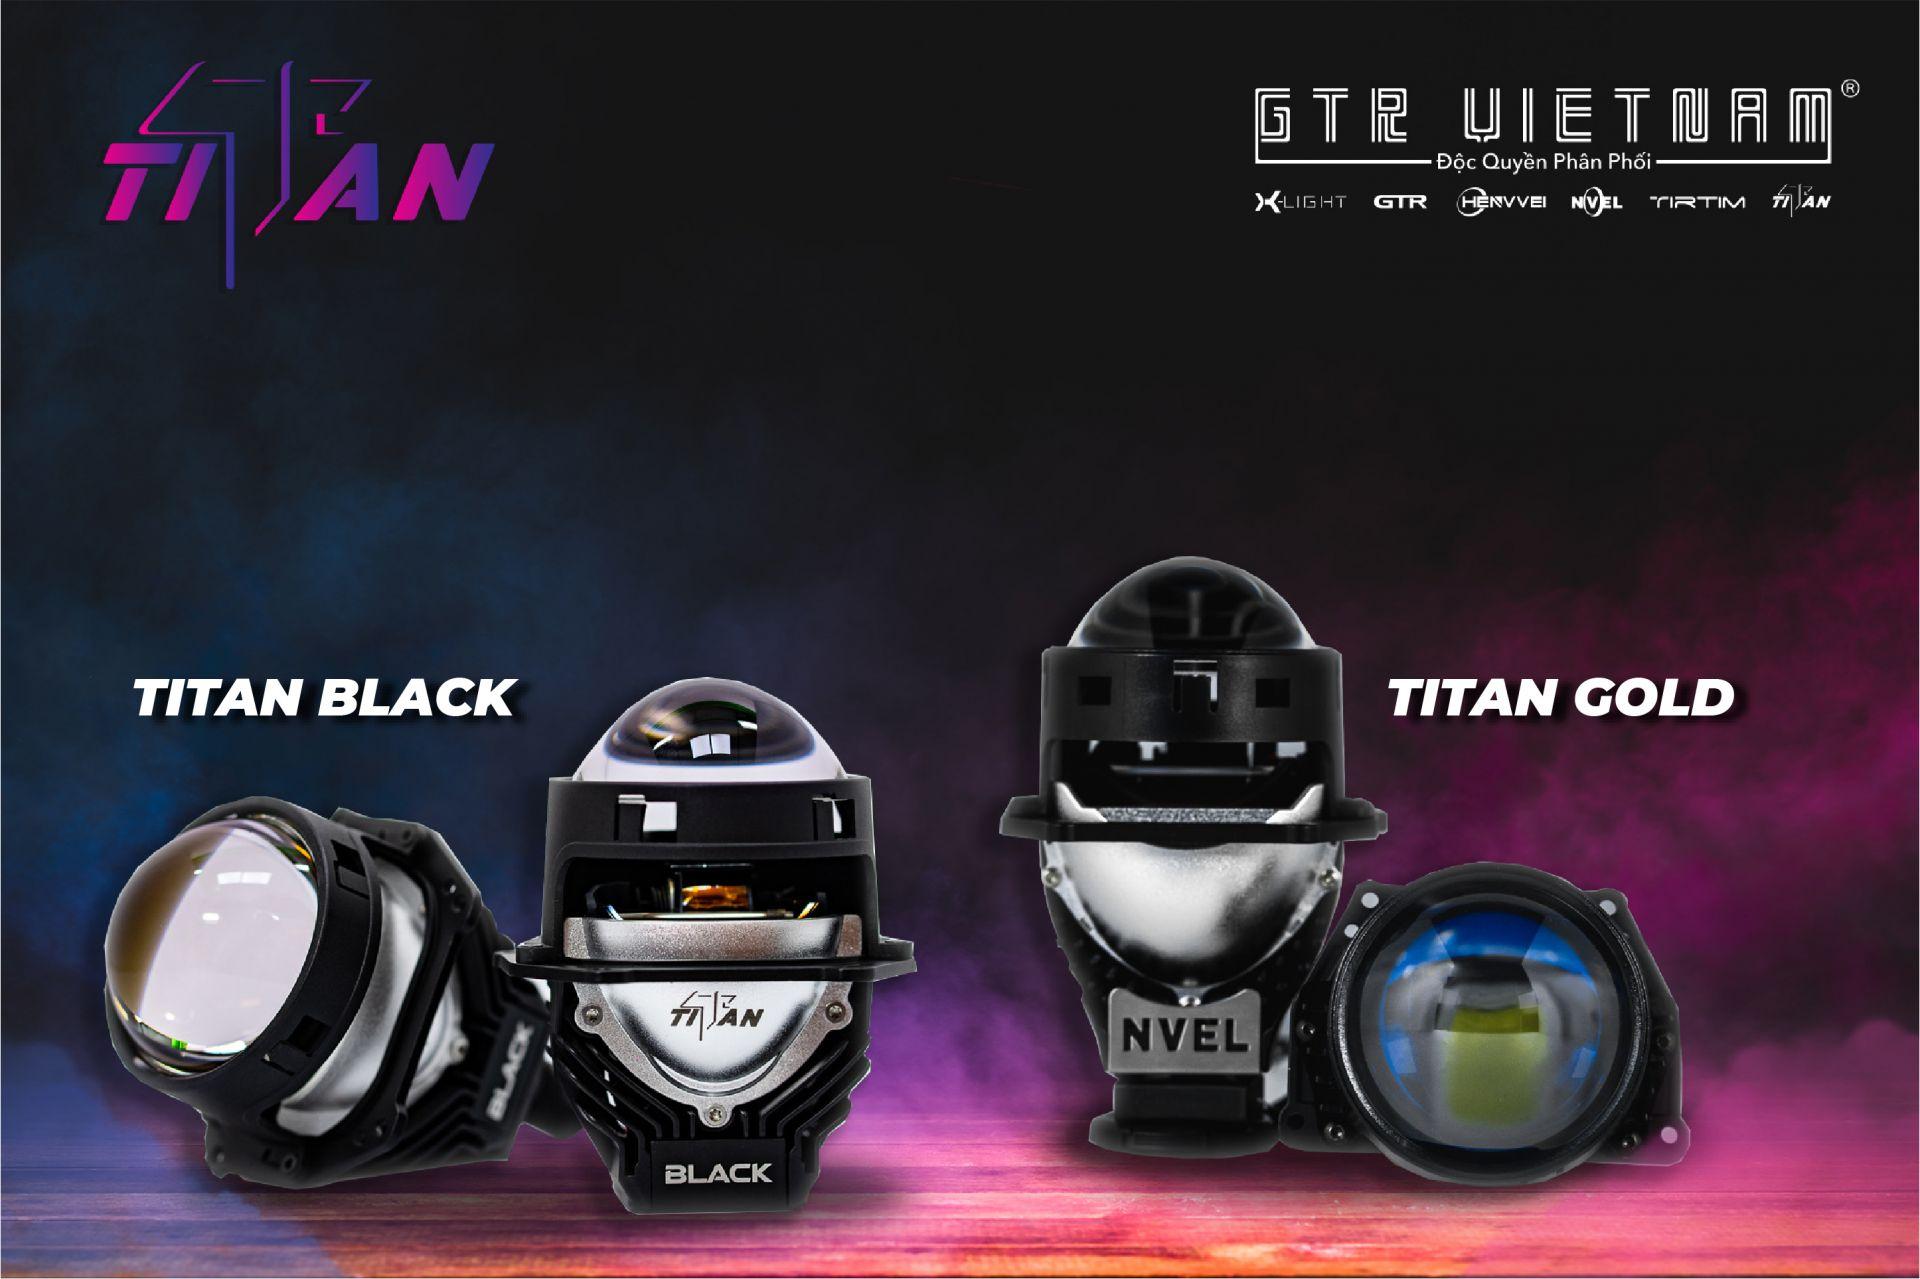 Siêu phẩm hot nhất nhà Titan trong tháng 8: Bi Led Titan Gold và Bi Led Titan Black